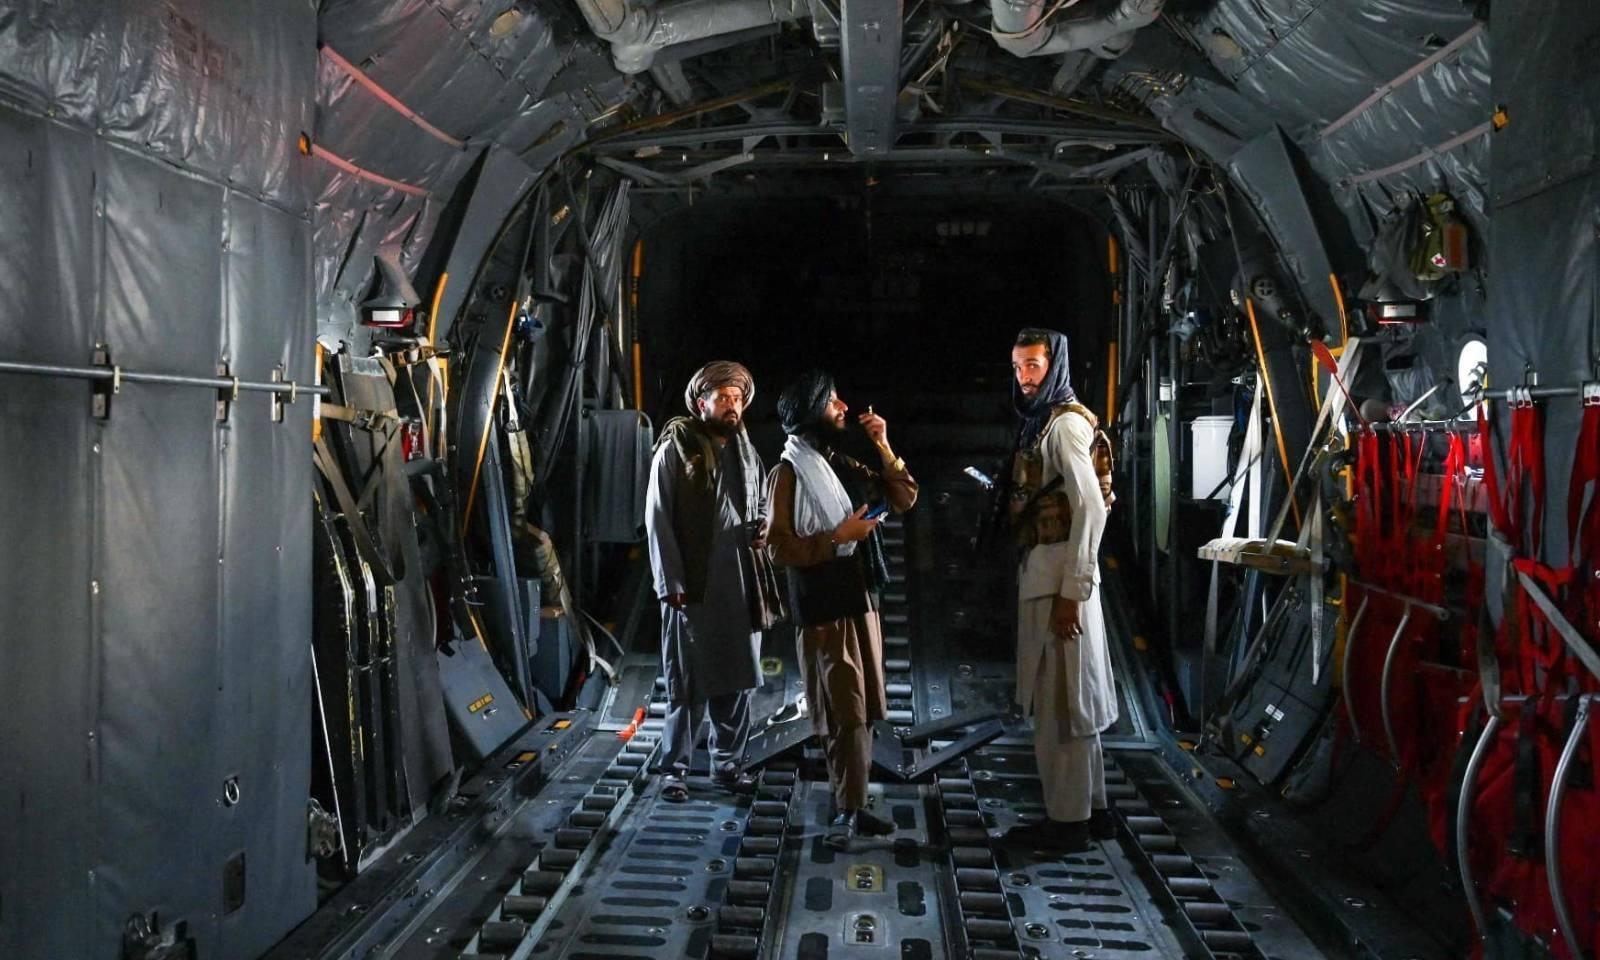 امریکی افواج کے انخلا کے بعد طالبان جنگجو طیارے میں موجود ہیں اور معائنہ کررہے ہیں — فوٹو: اے ایف پی